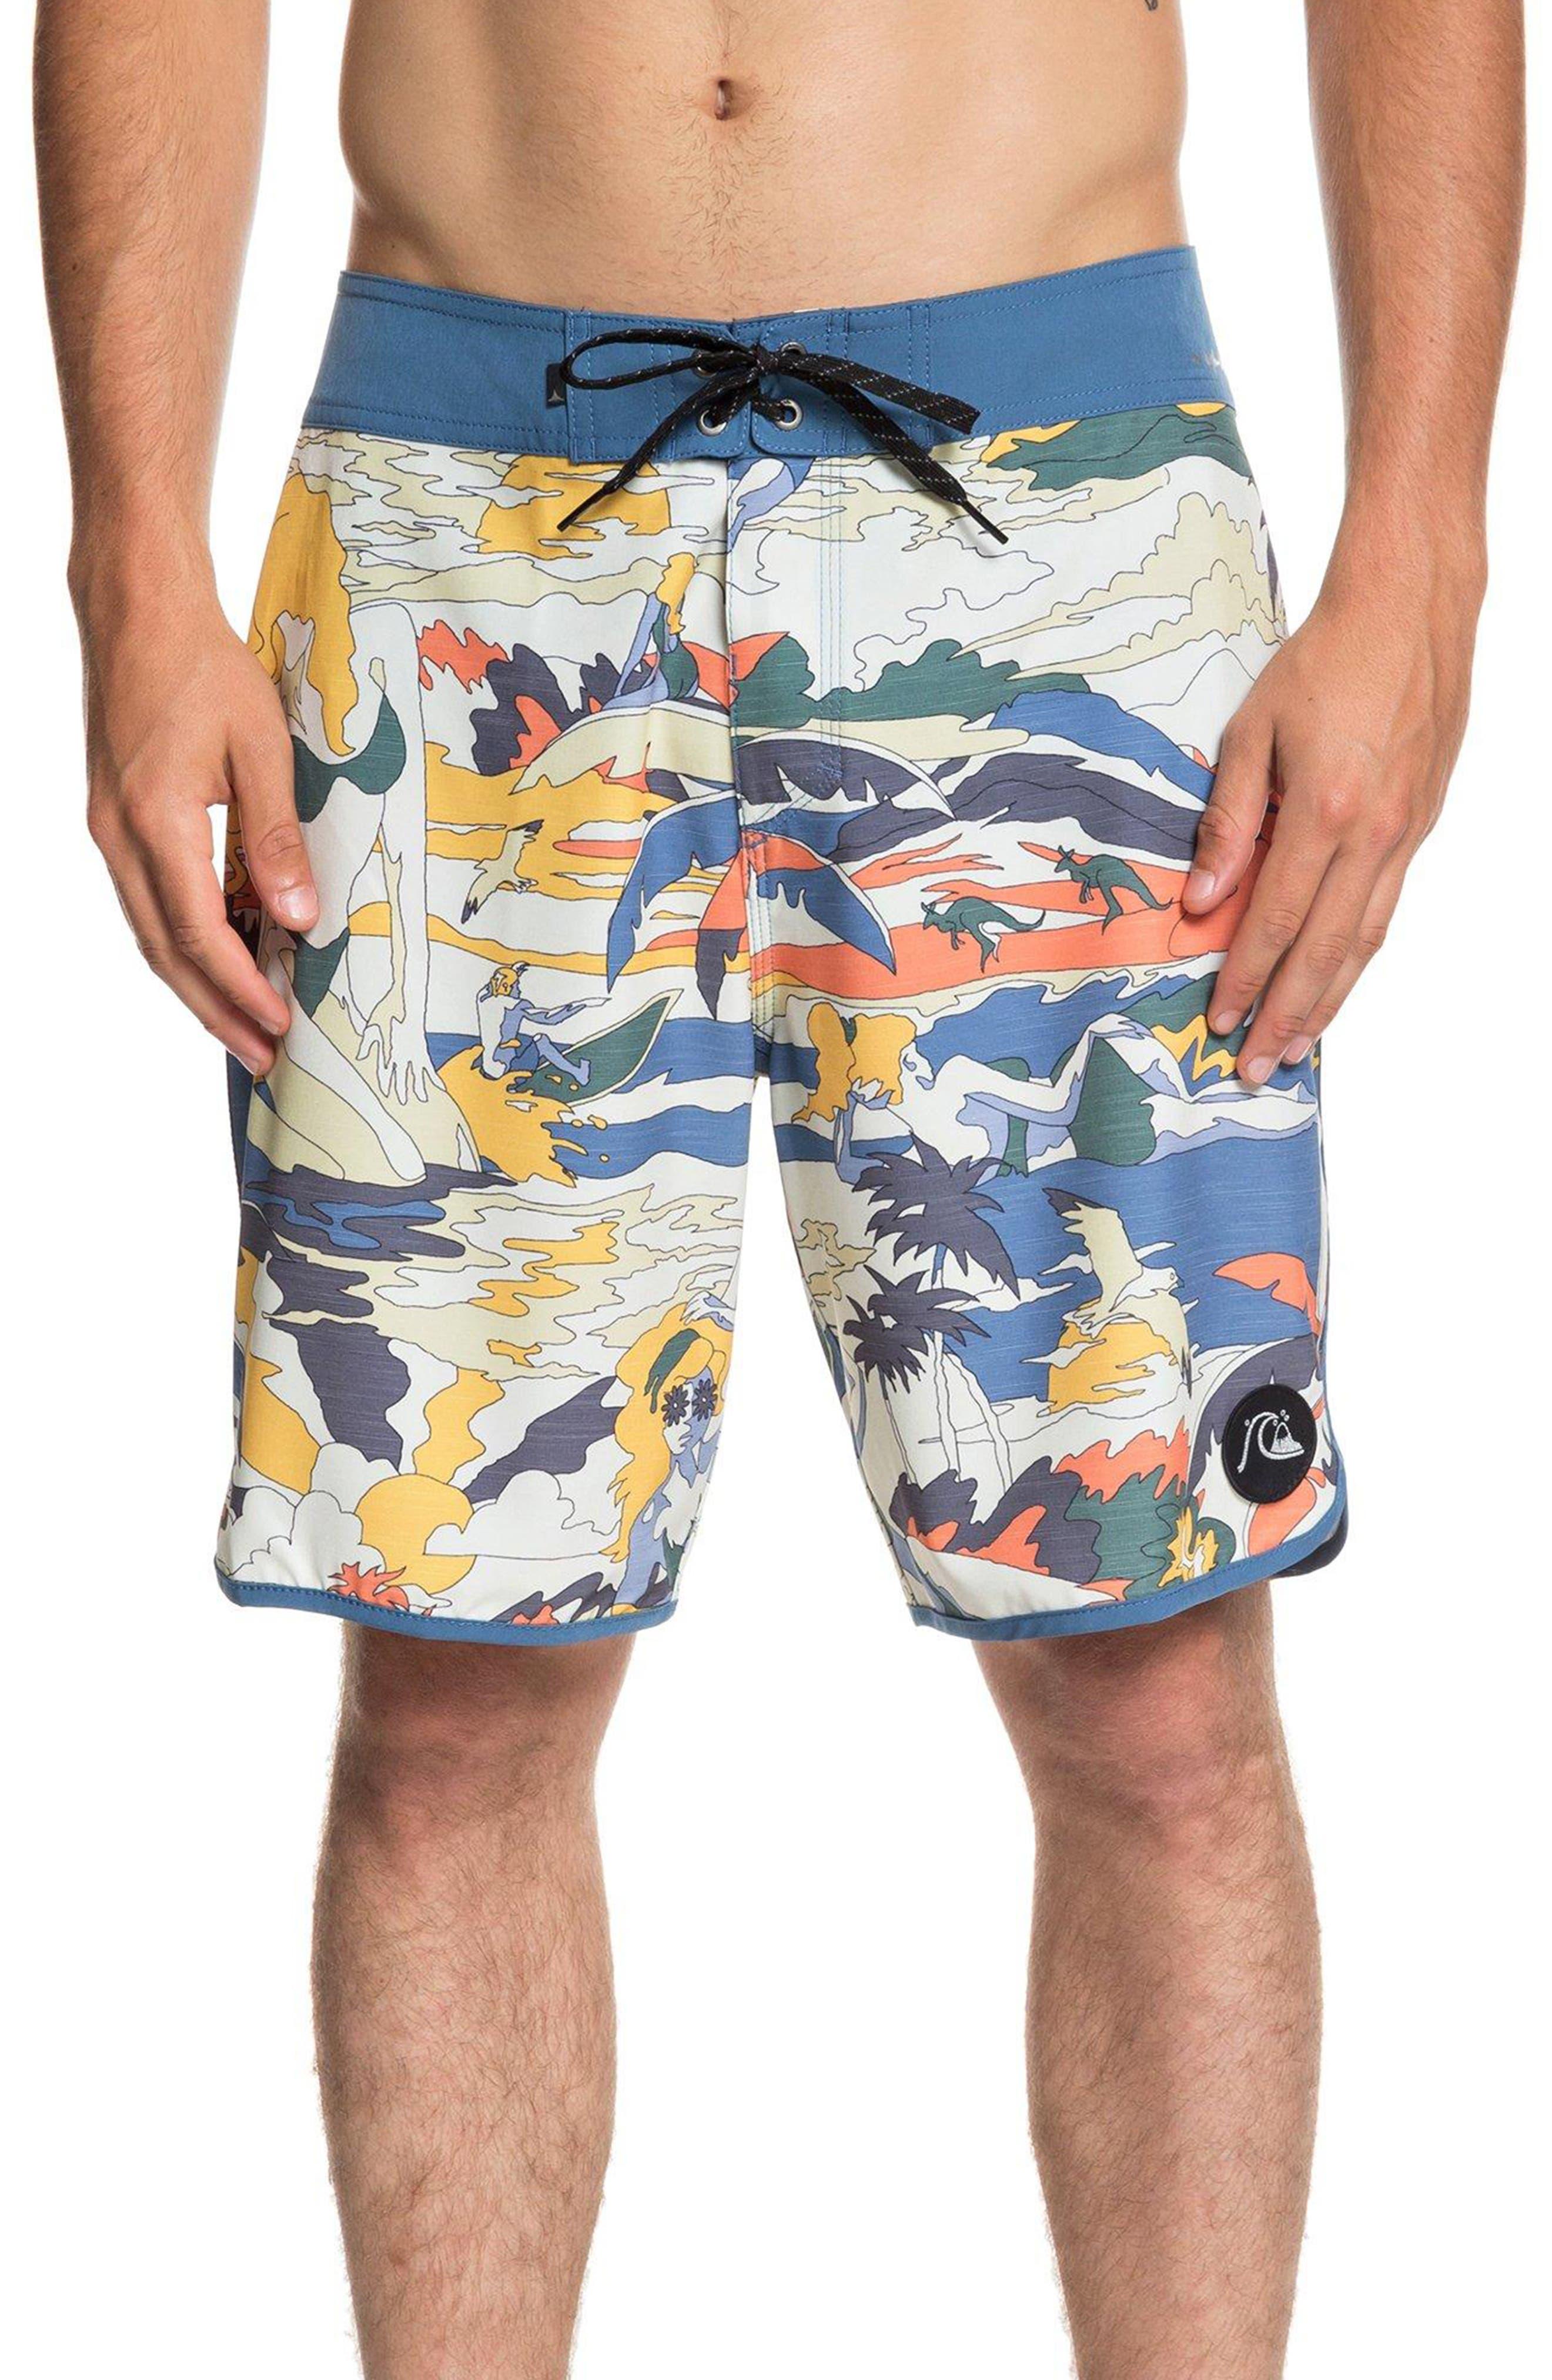 96587b0951 Buy quiksilver swimwear for men - Best men's quiksilver swimwear ...